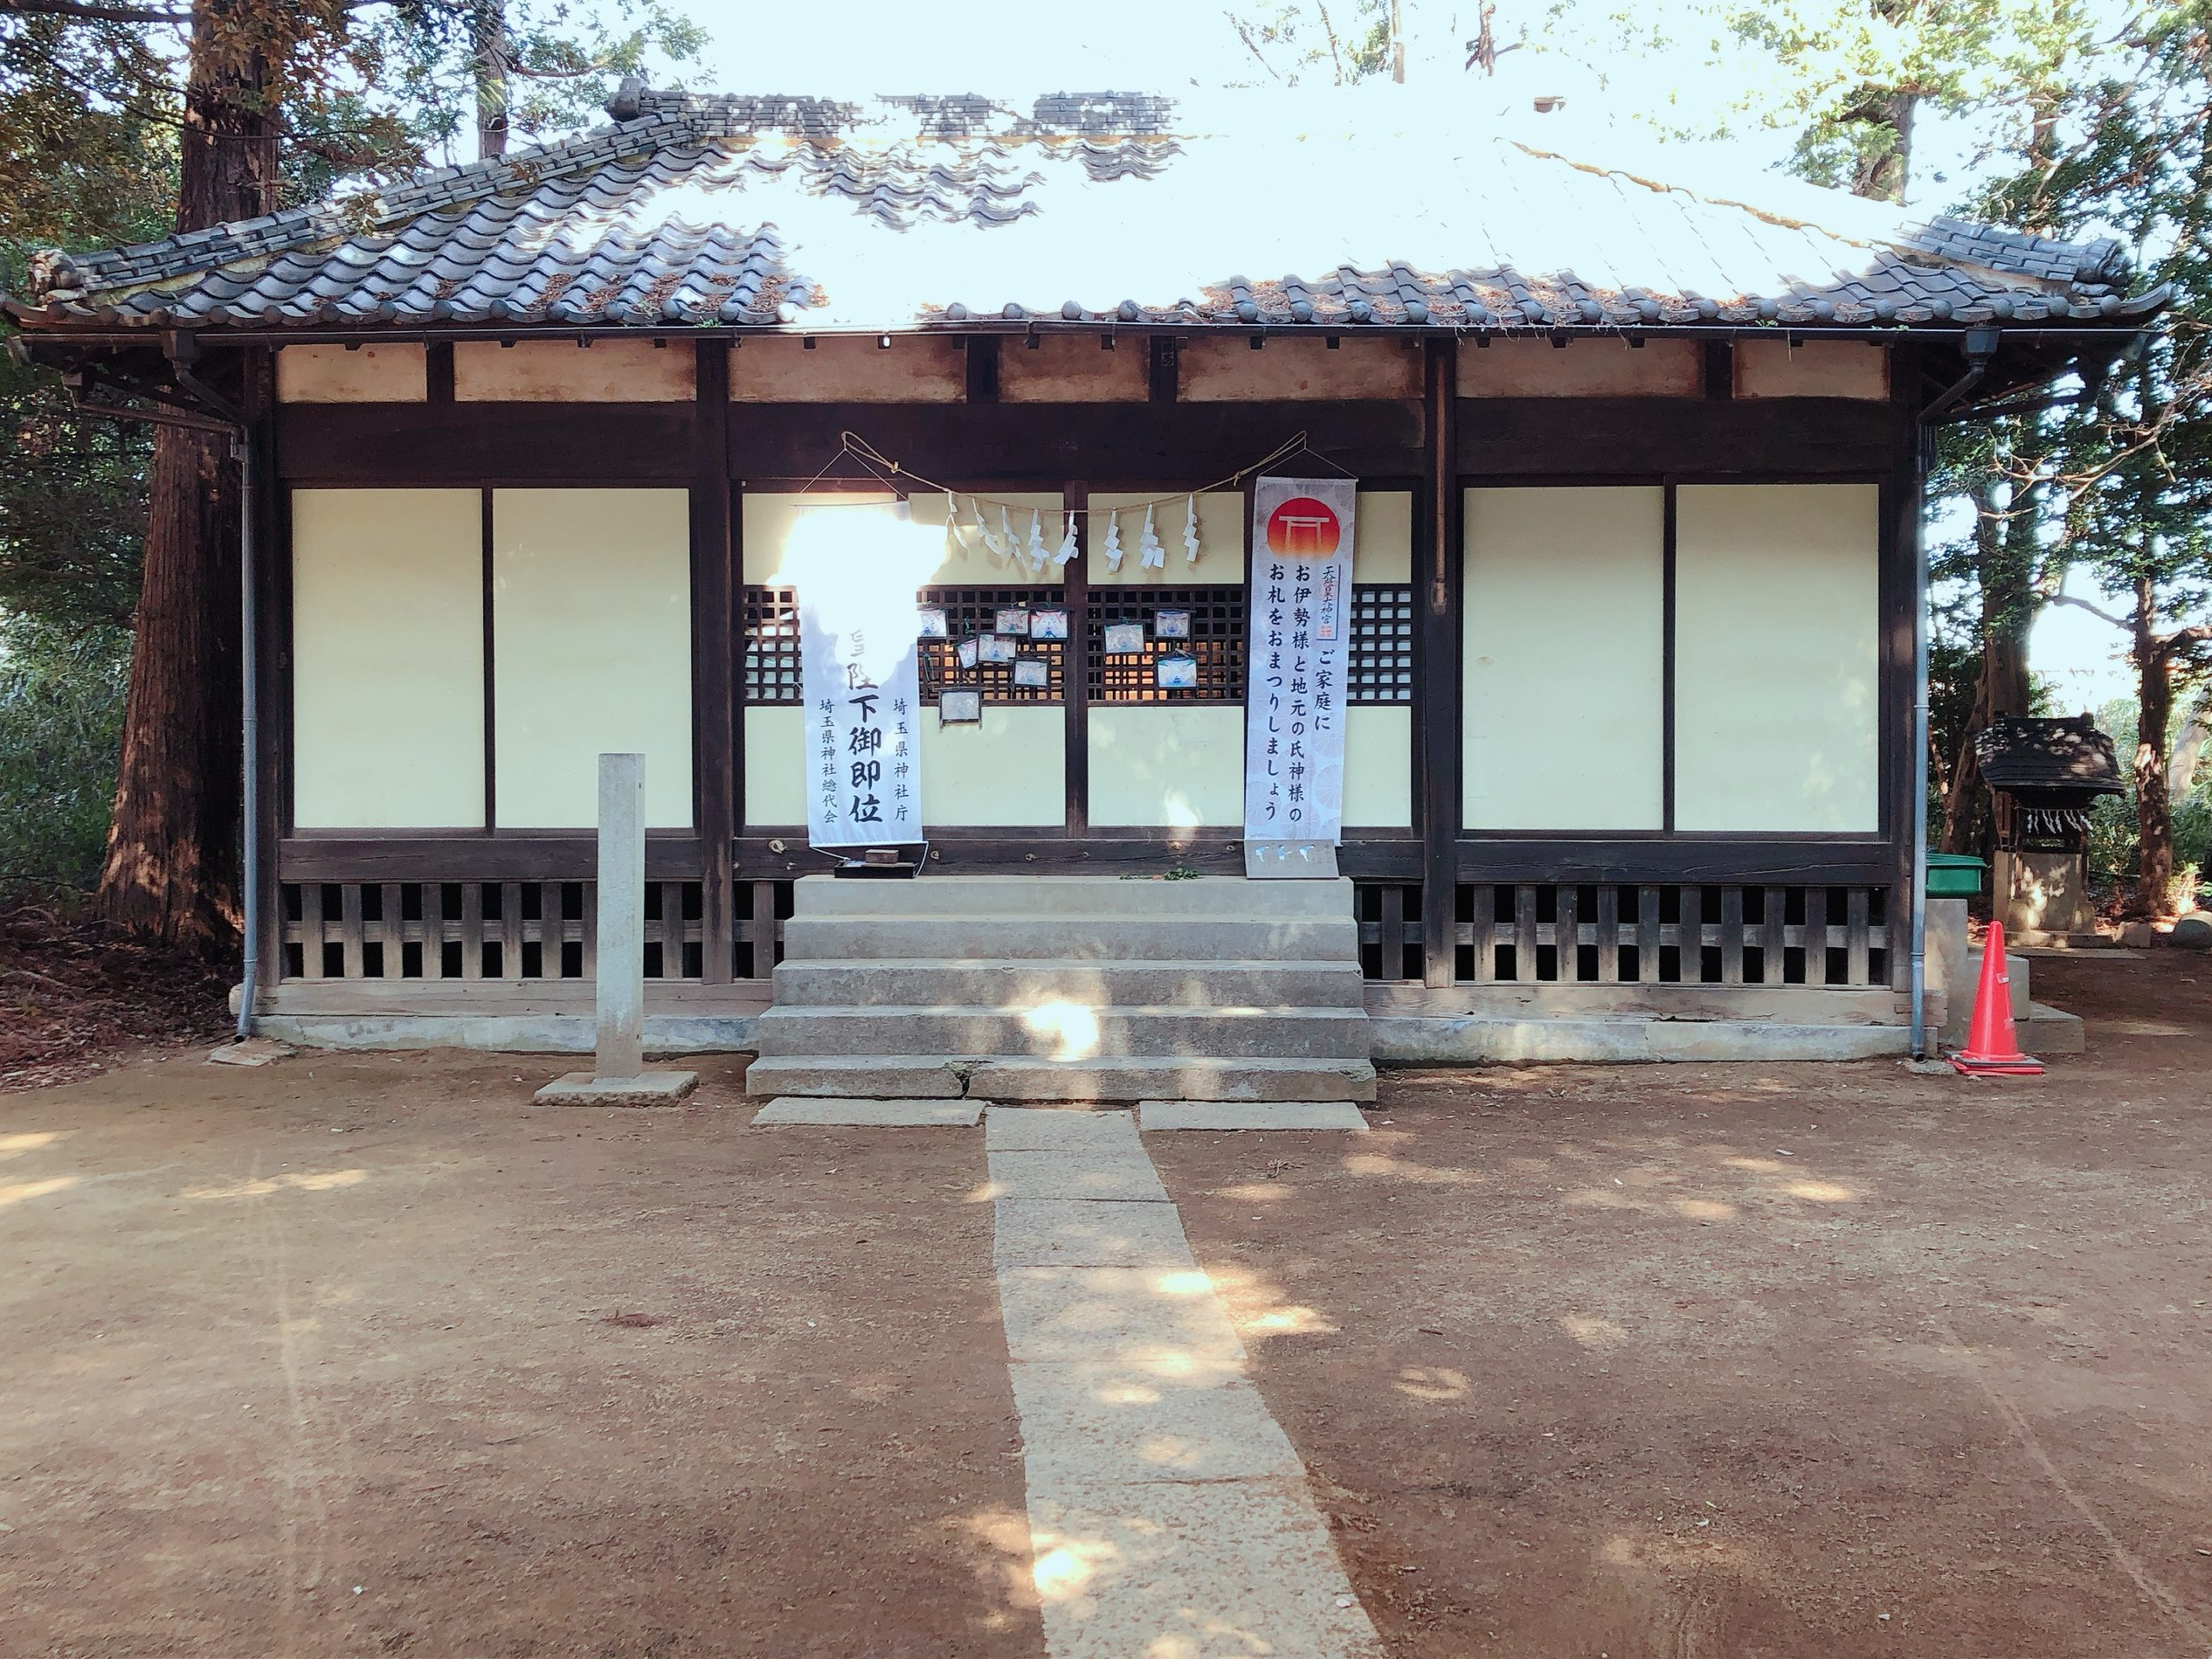 さいたま市見沼区南中野 猿花稲荷神社